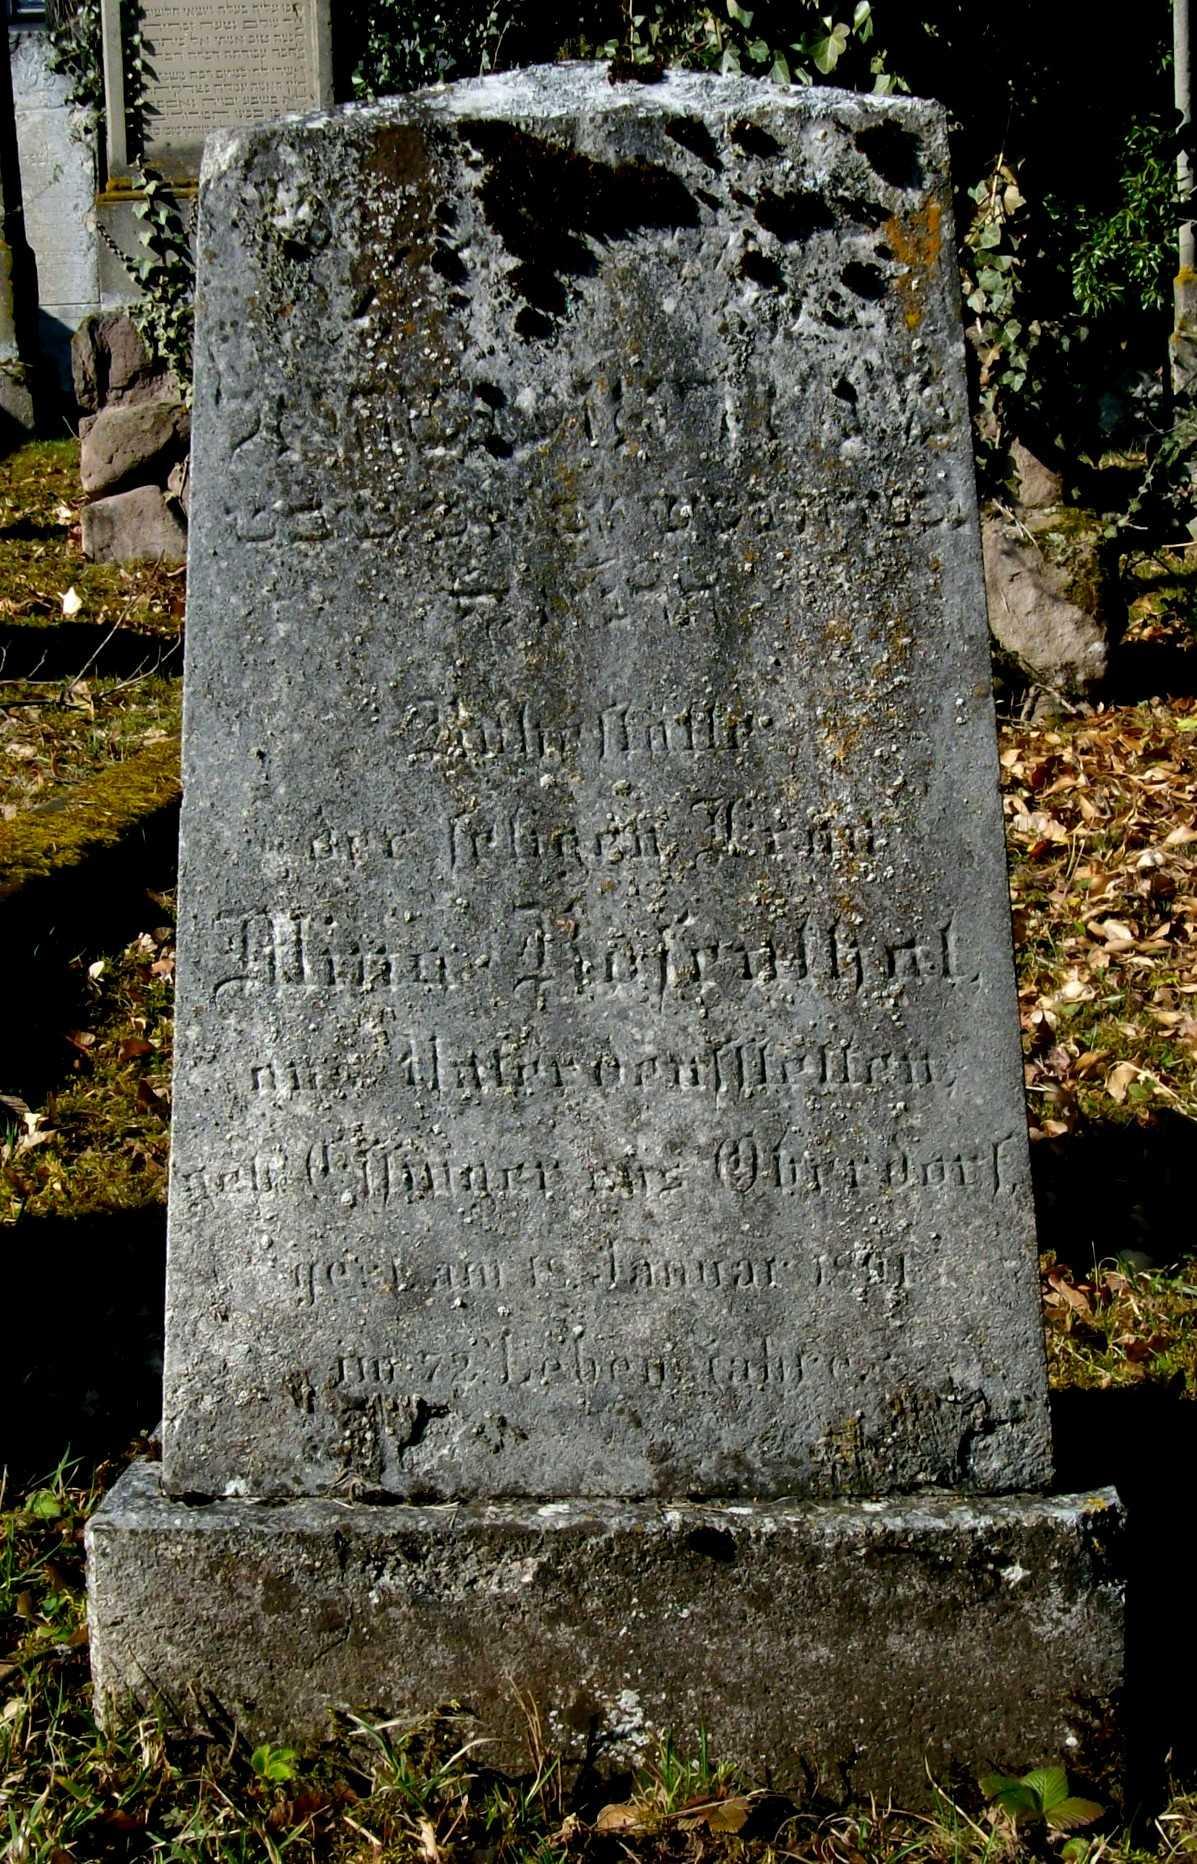 Der Jüdische Friedhof In Pflaumloch (Gemeinde Riesbürg, Ostalbkreis)